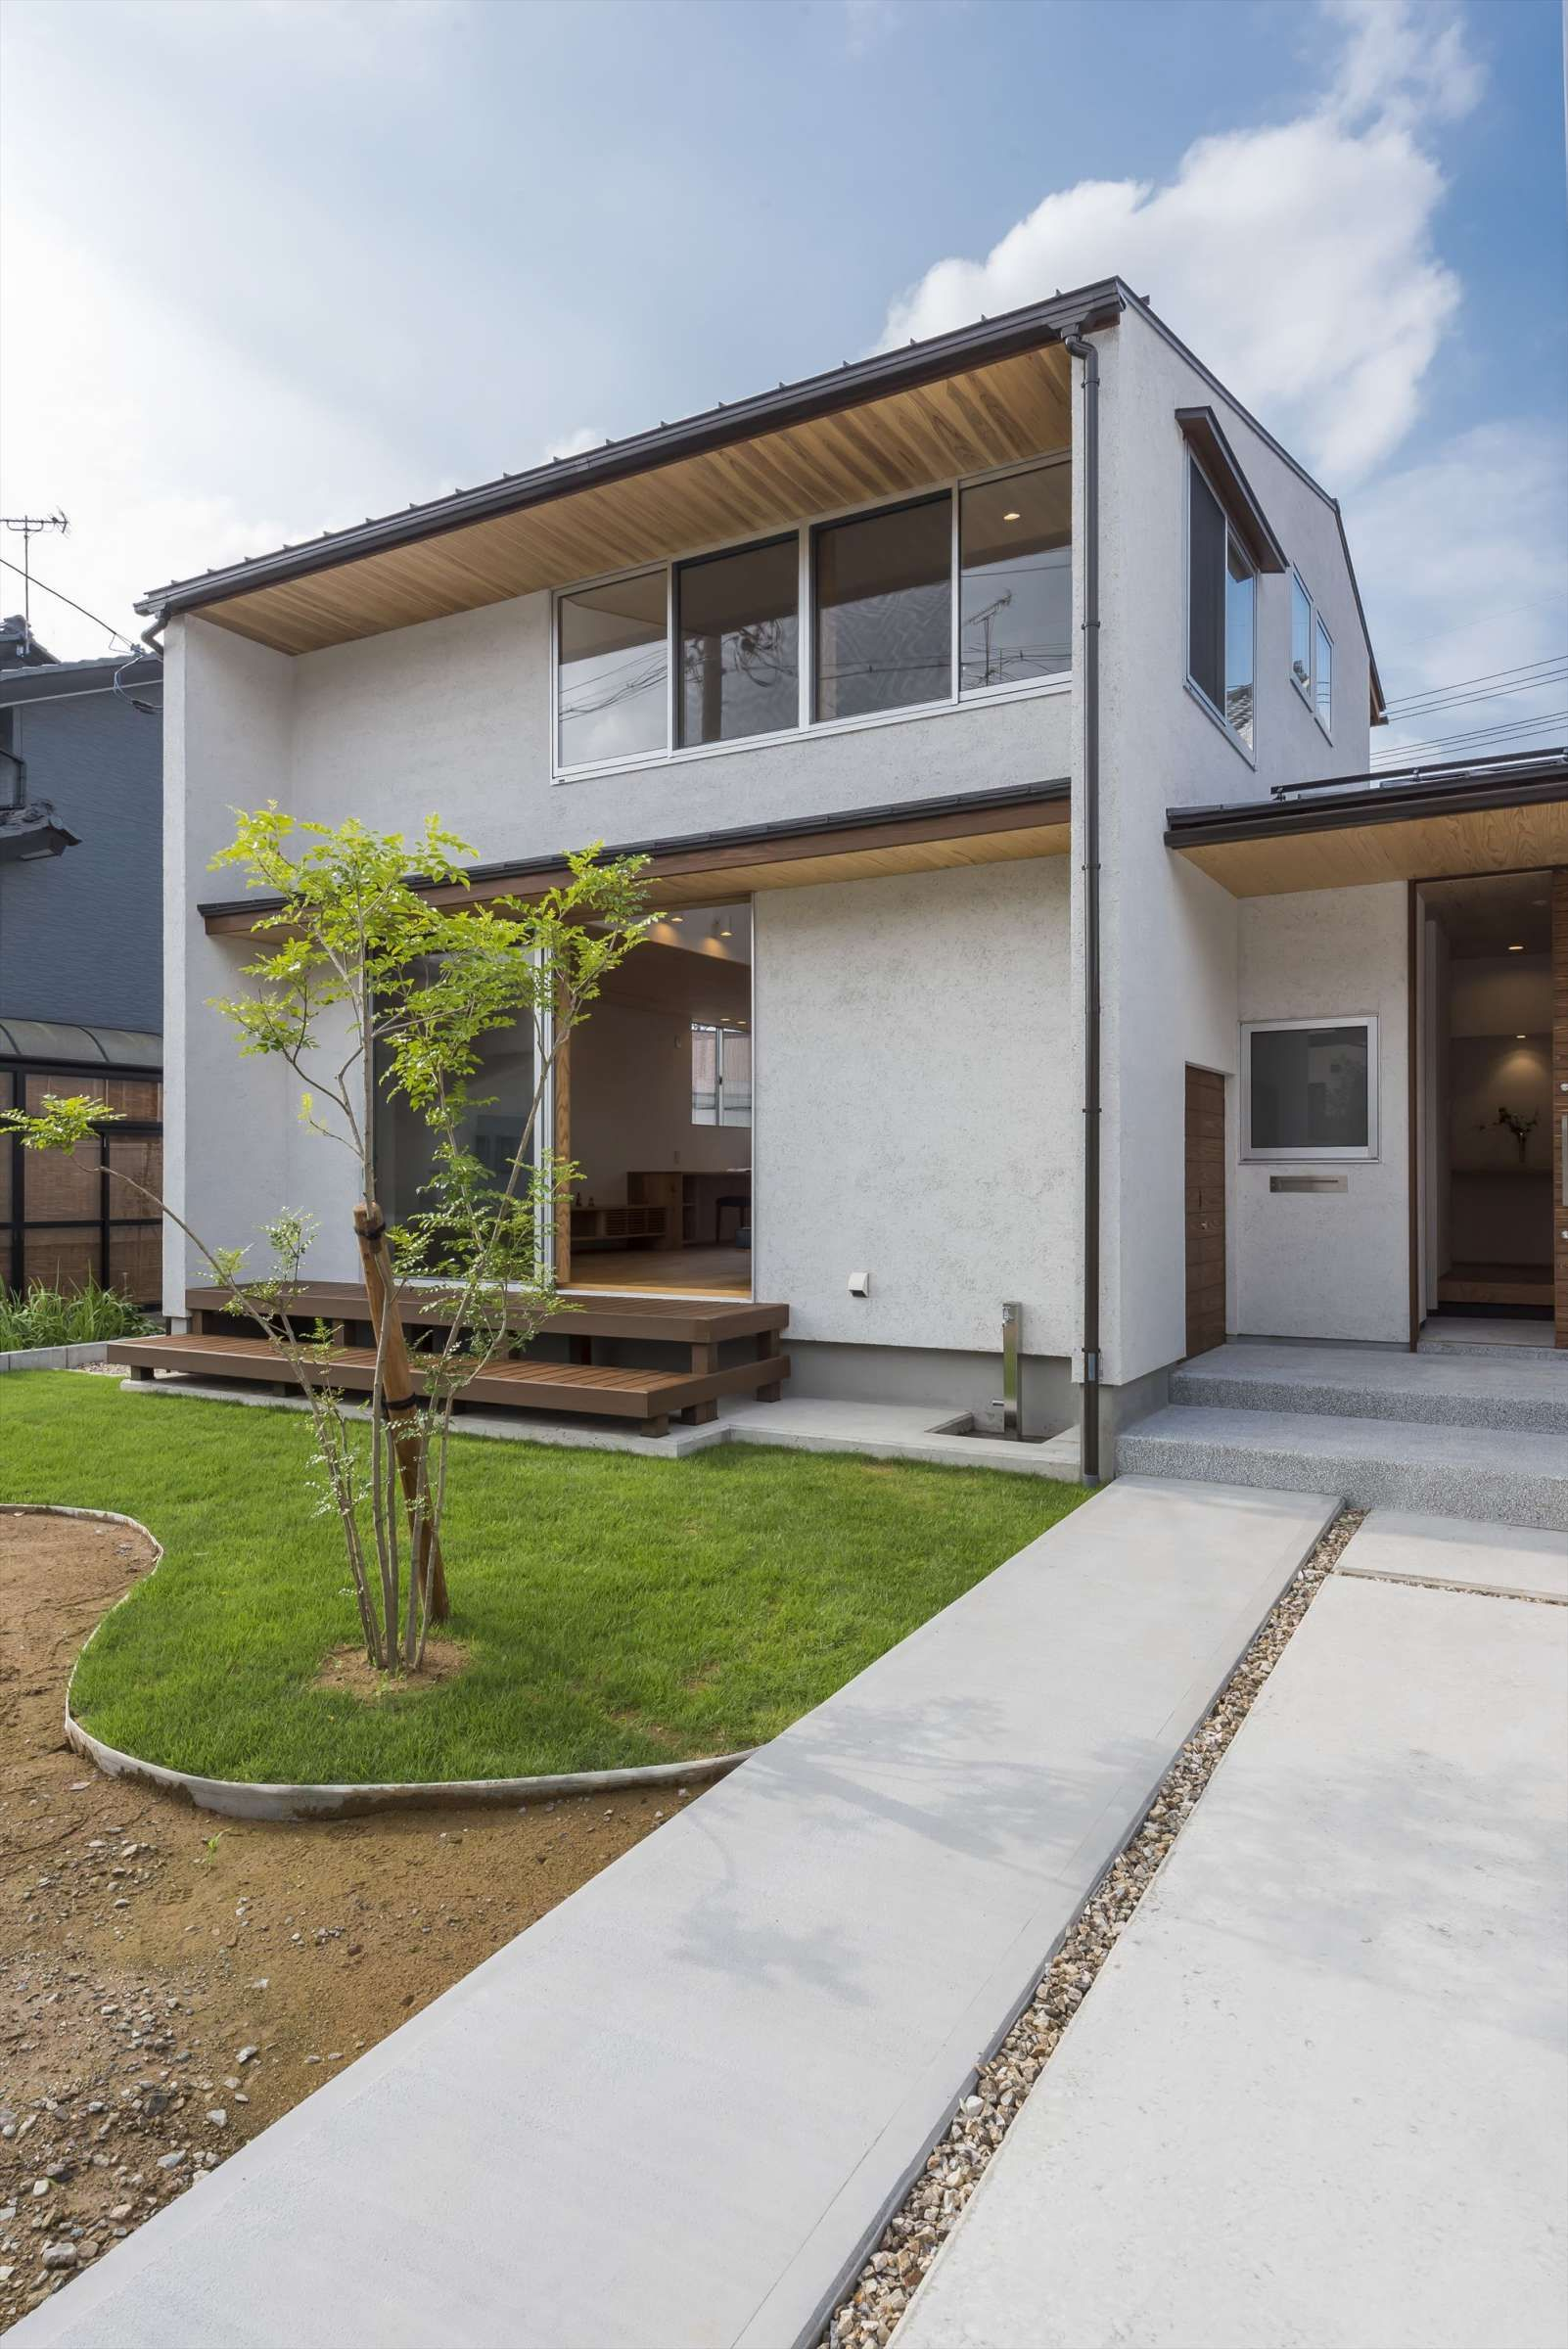 外観 住まい工房 建築実例 日本のモダンな家 狭小ハウスデザイン